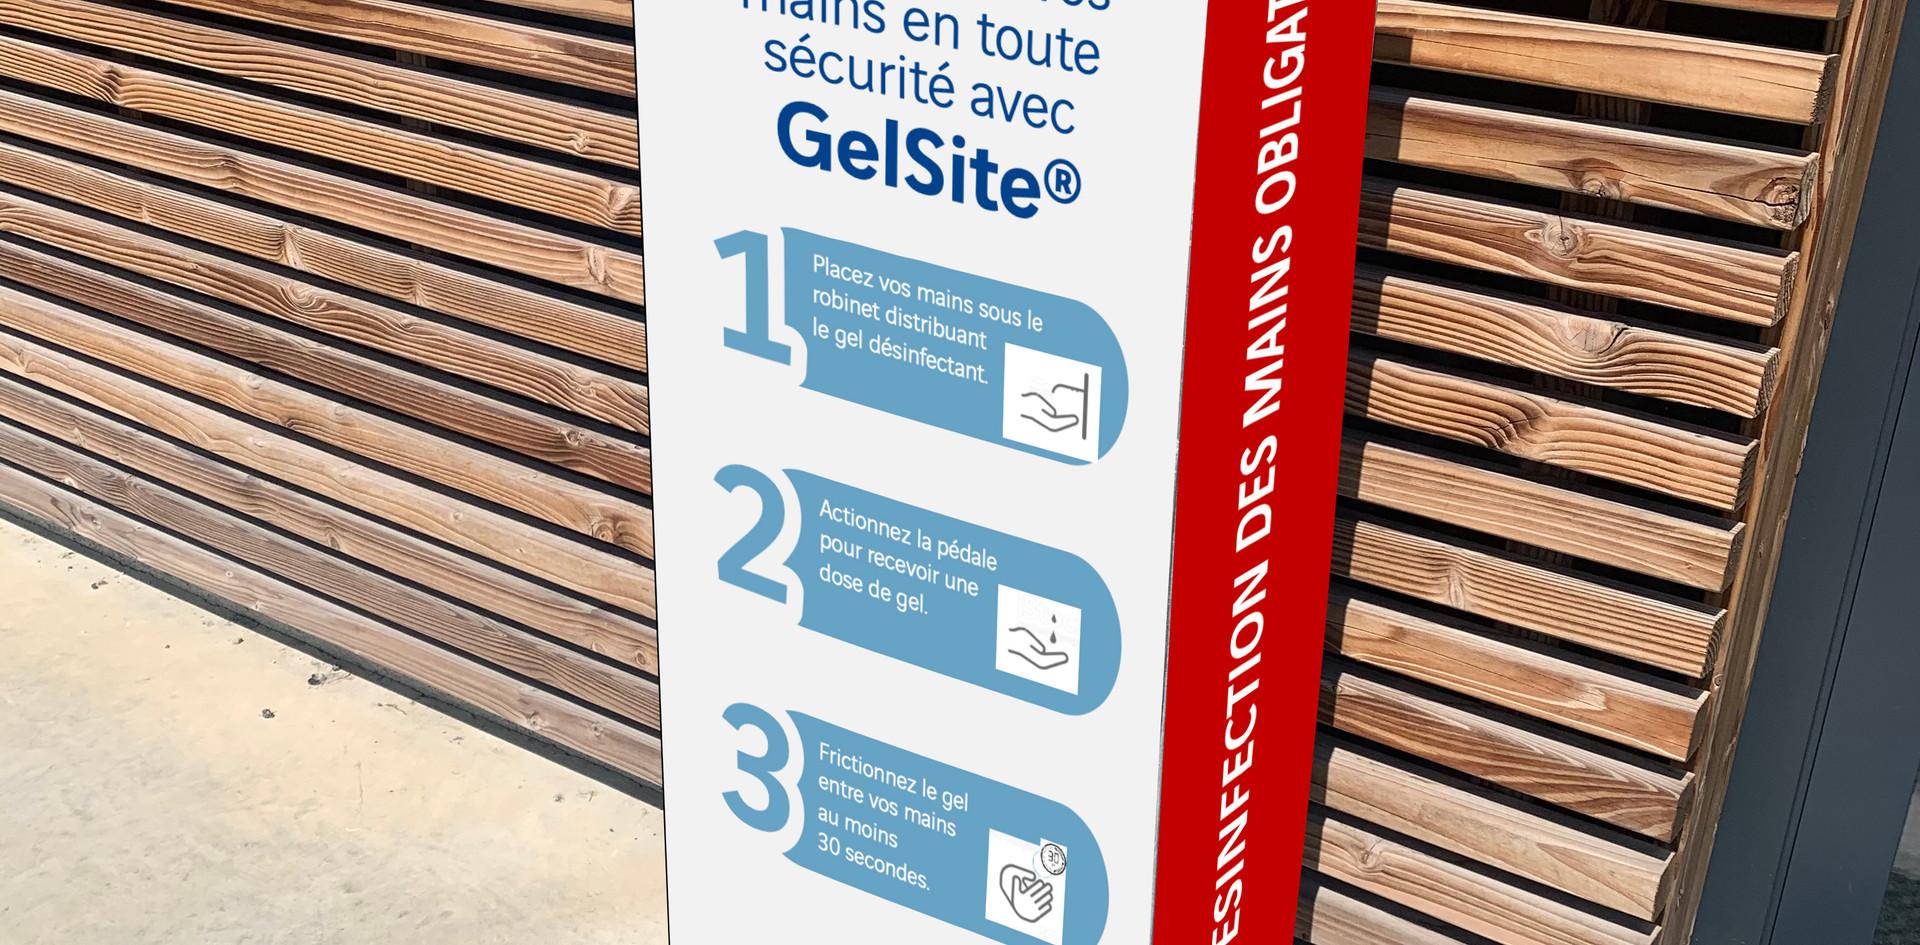 GelSite®